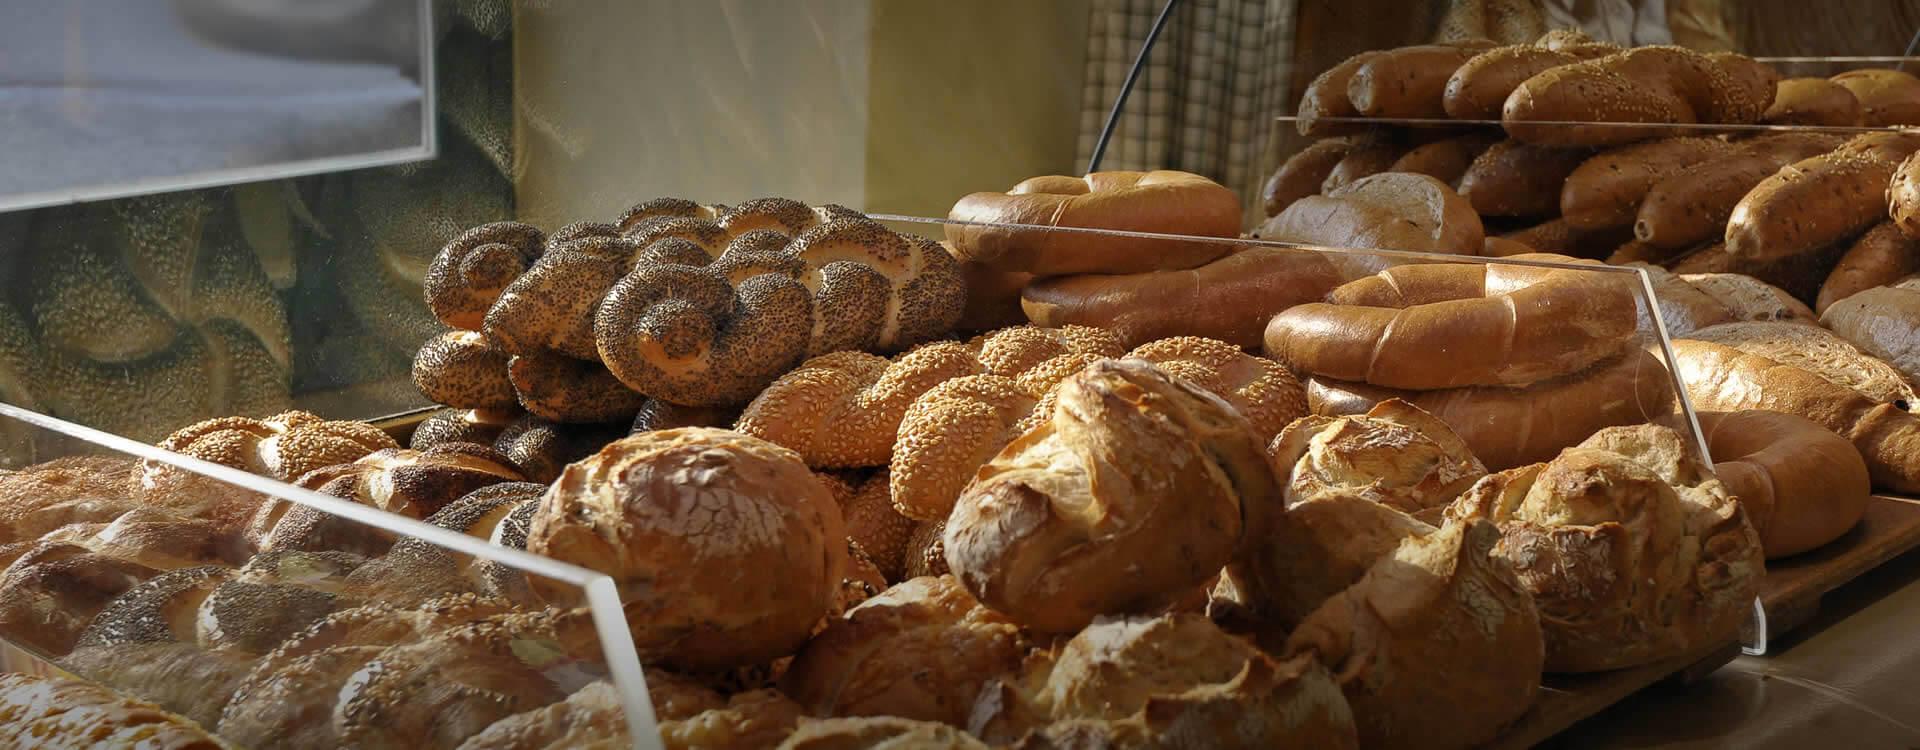 Bäckerei Kirchgasser - Ihre Bäckerei in Radstadt, Pongau